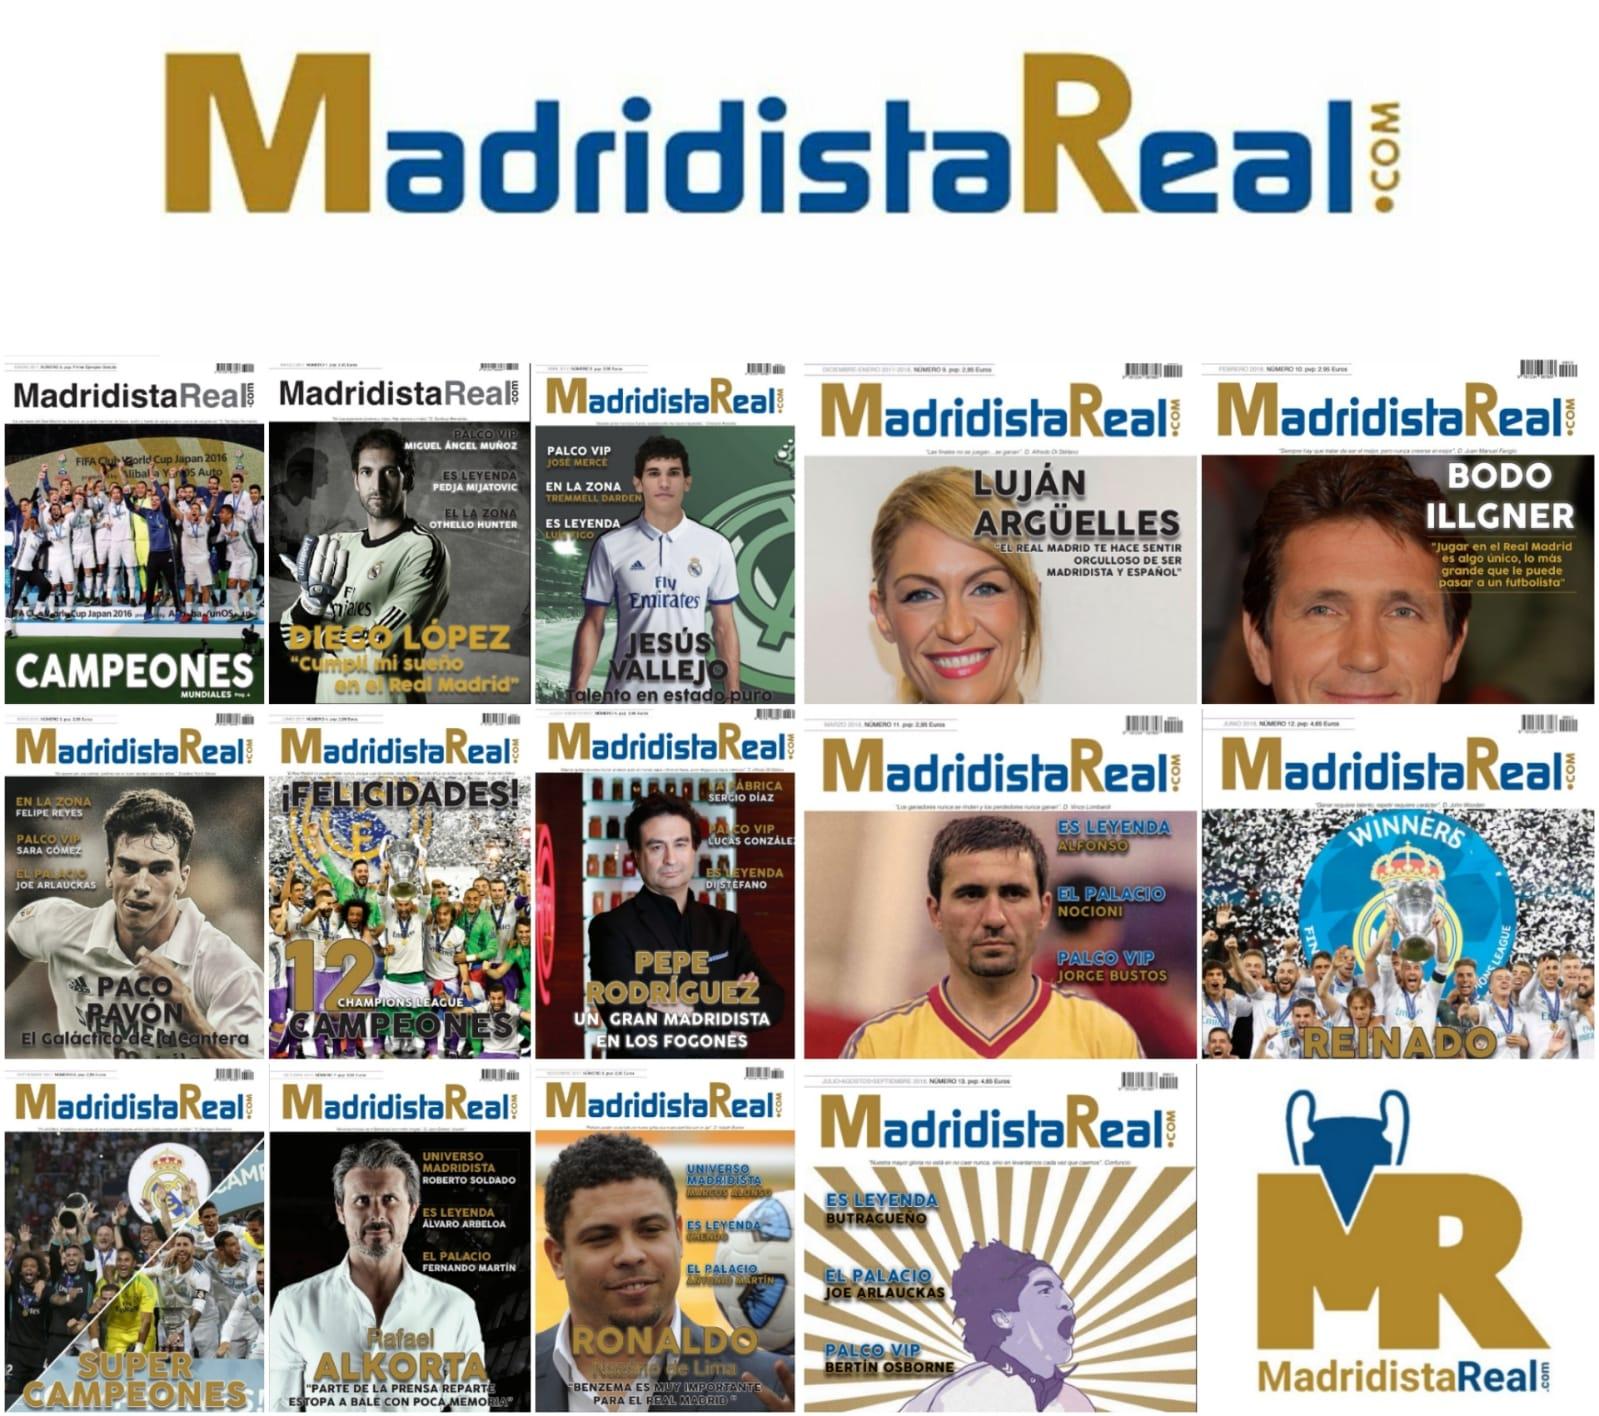 Revista Madridista Real en formato digital